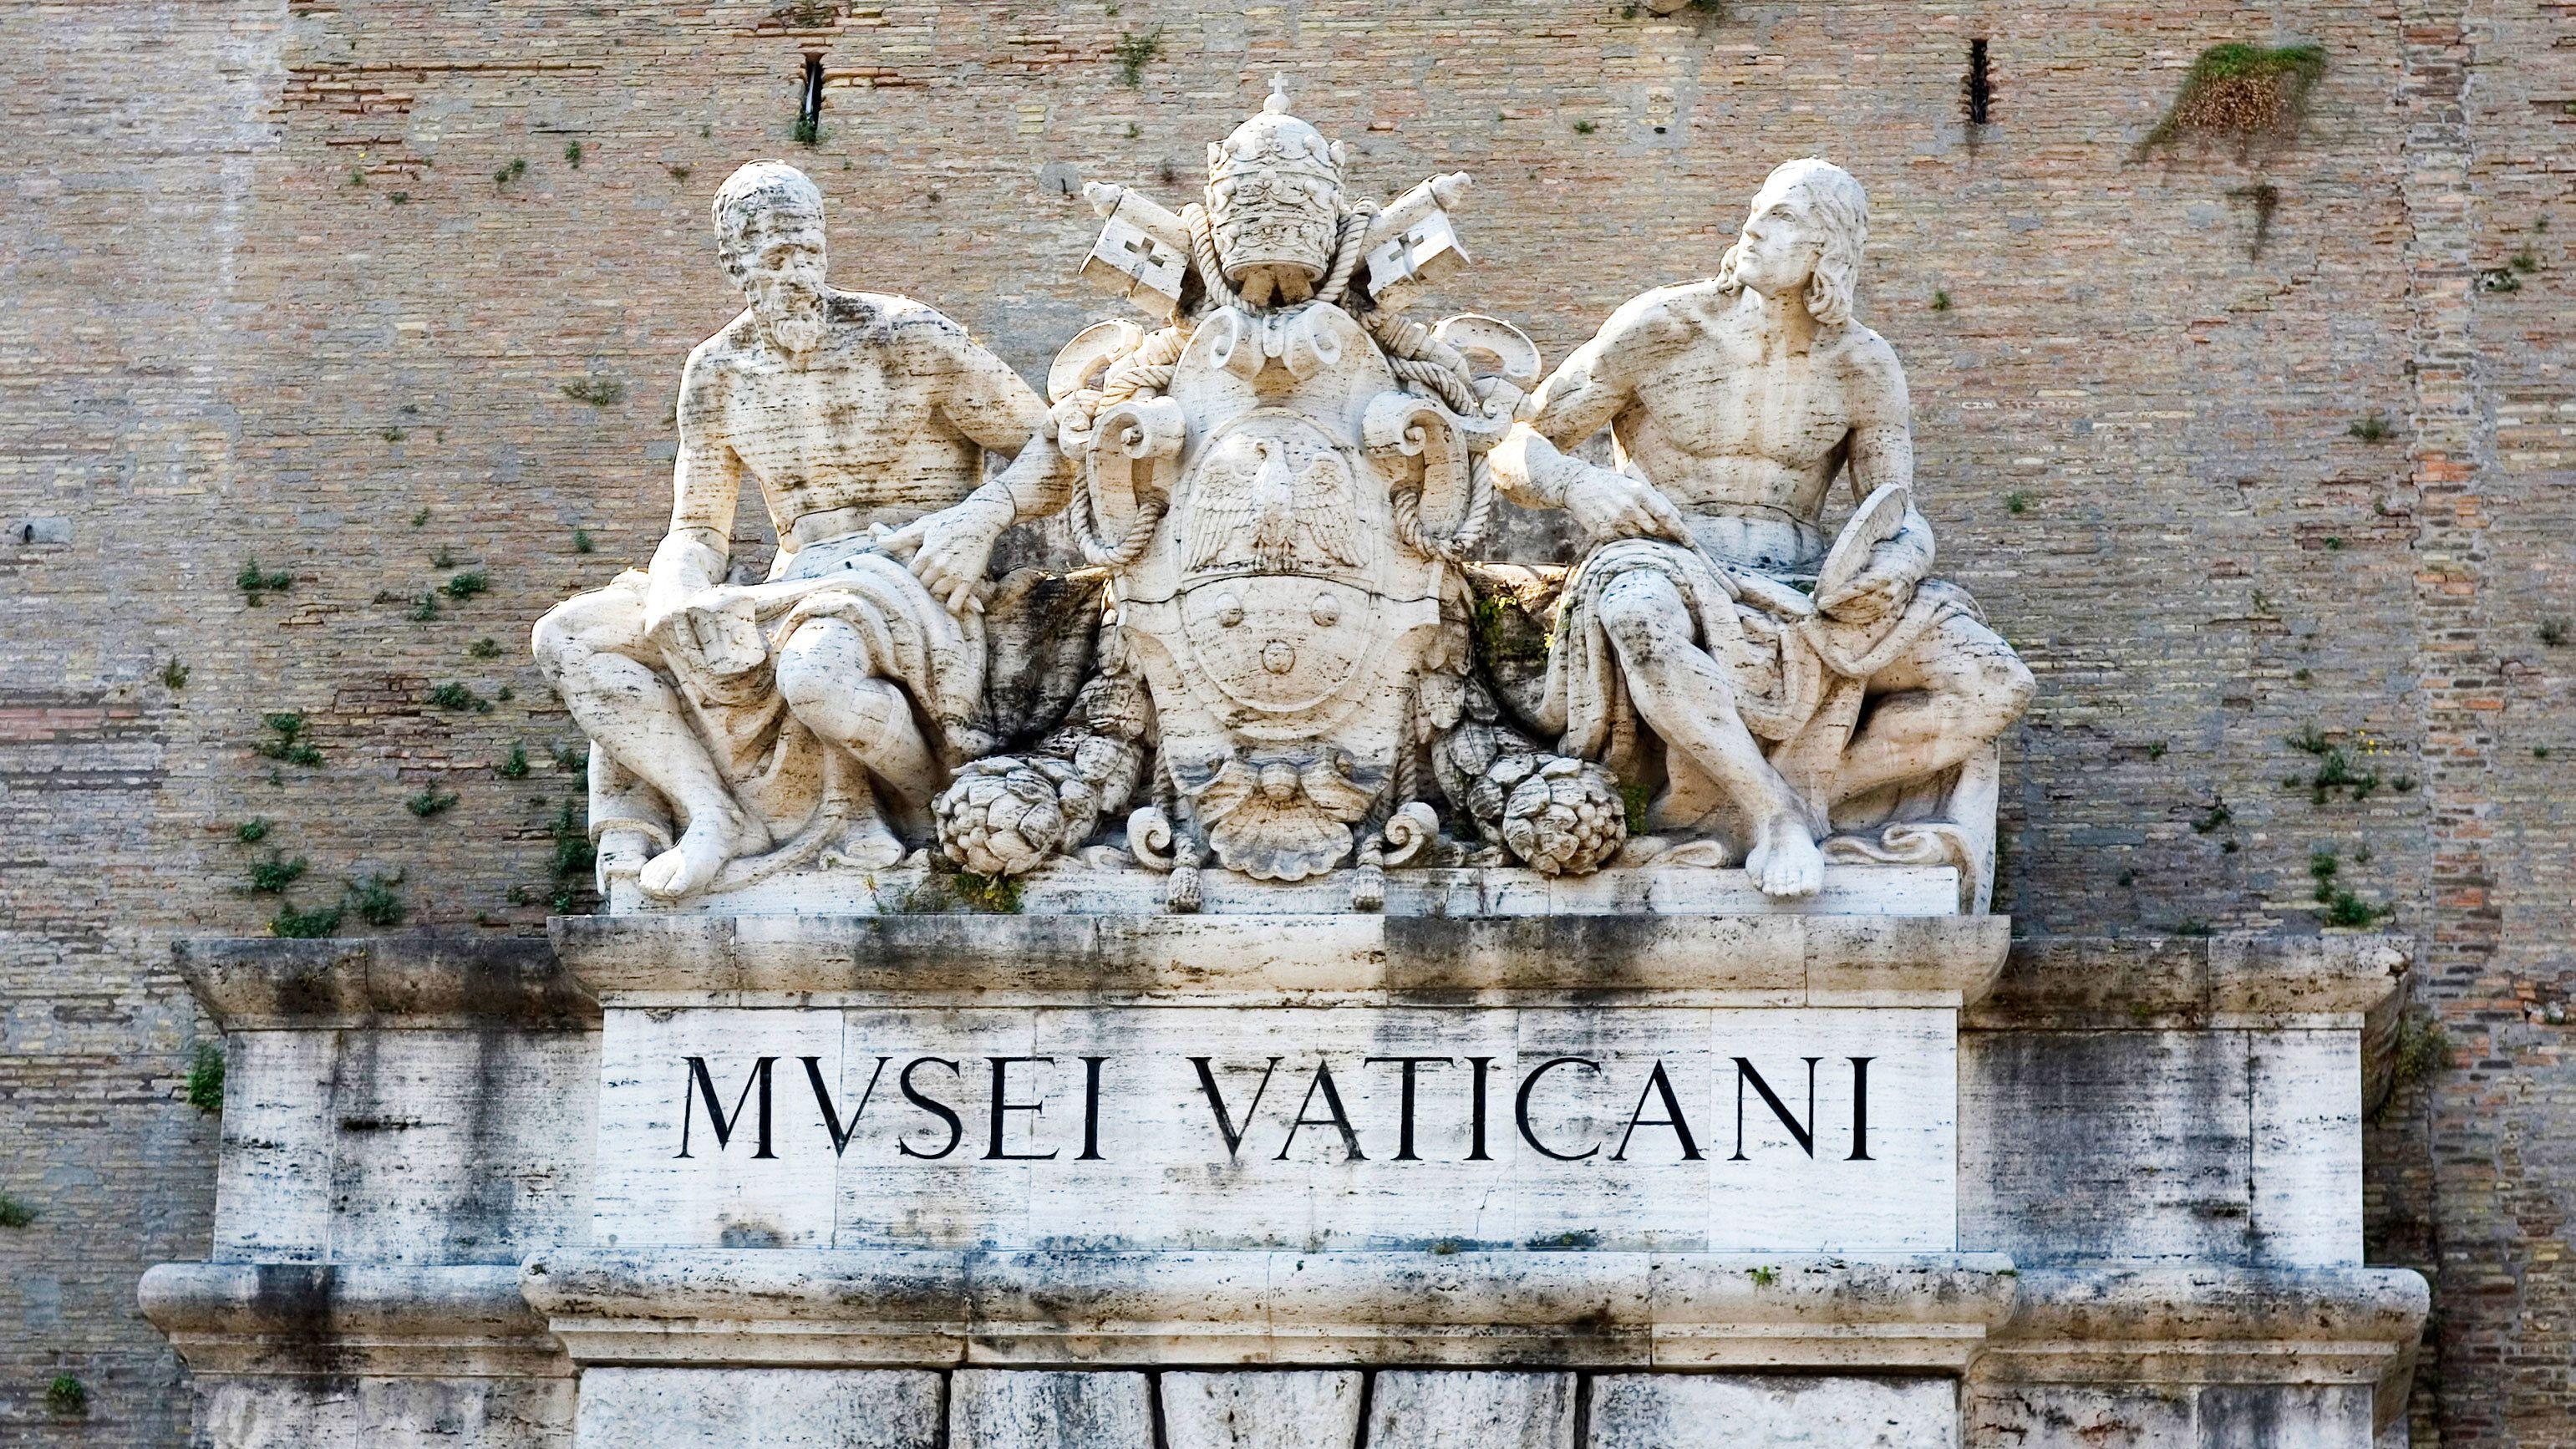 Biljetter utan-vänta: Se Vatikanen och Sixtinska kapellet på ditt sätt